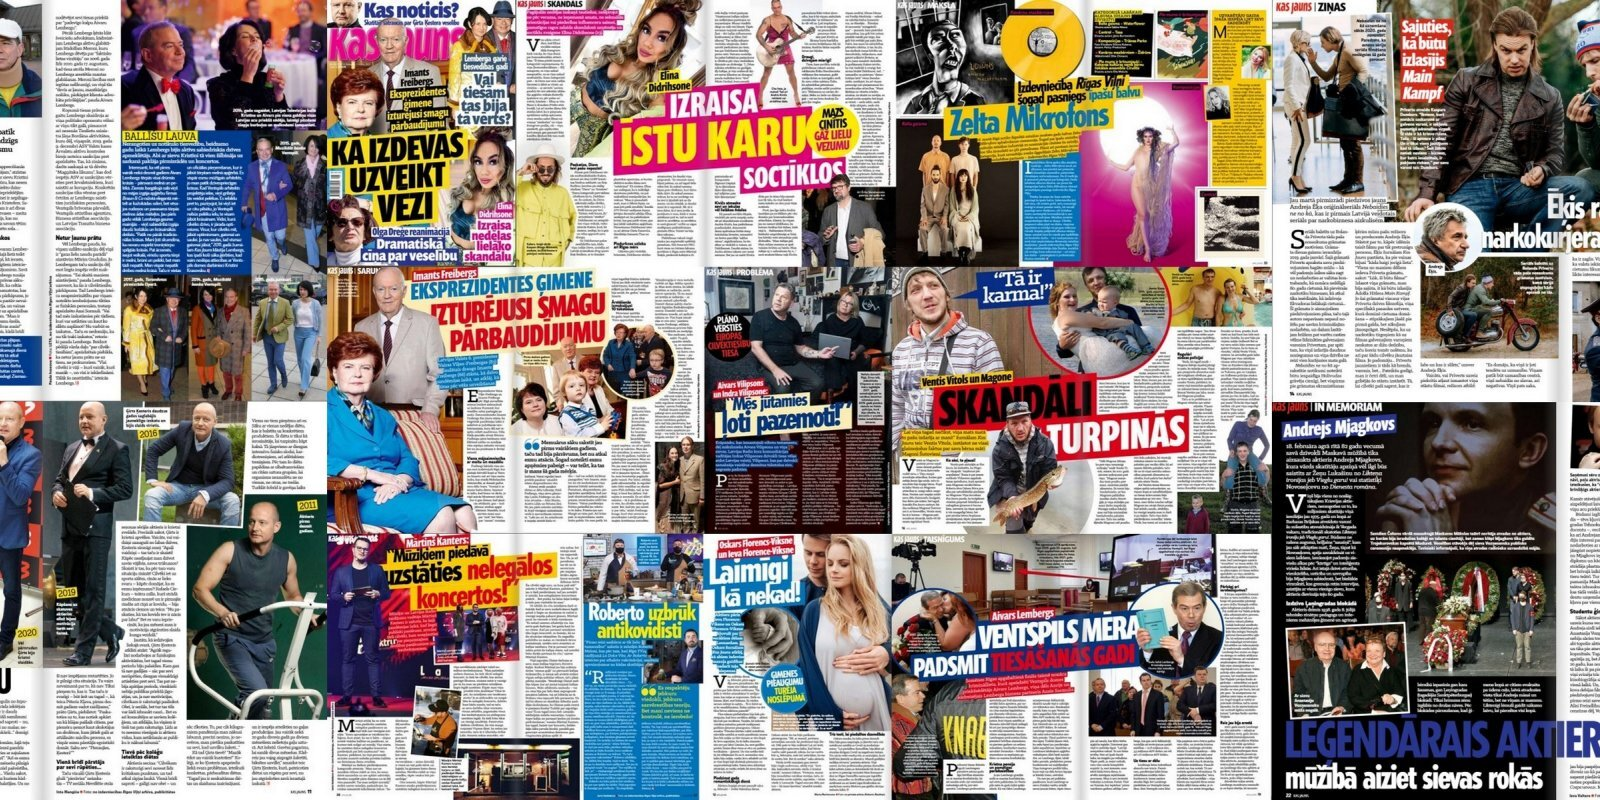 Муж Вике-Фрейберги победил рак, вечеринки Лембергса и личный кризис владельца Lido: о чем пишут латышские таблоиды